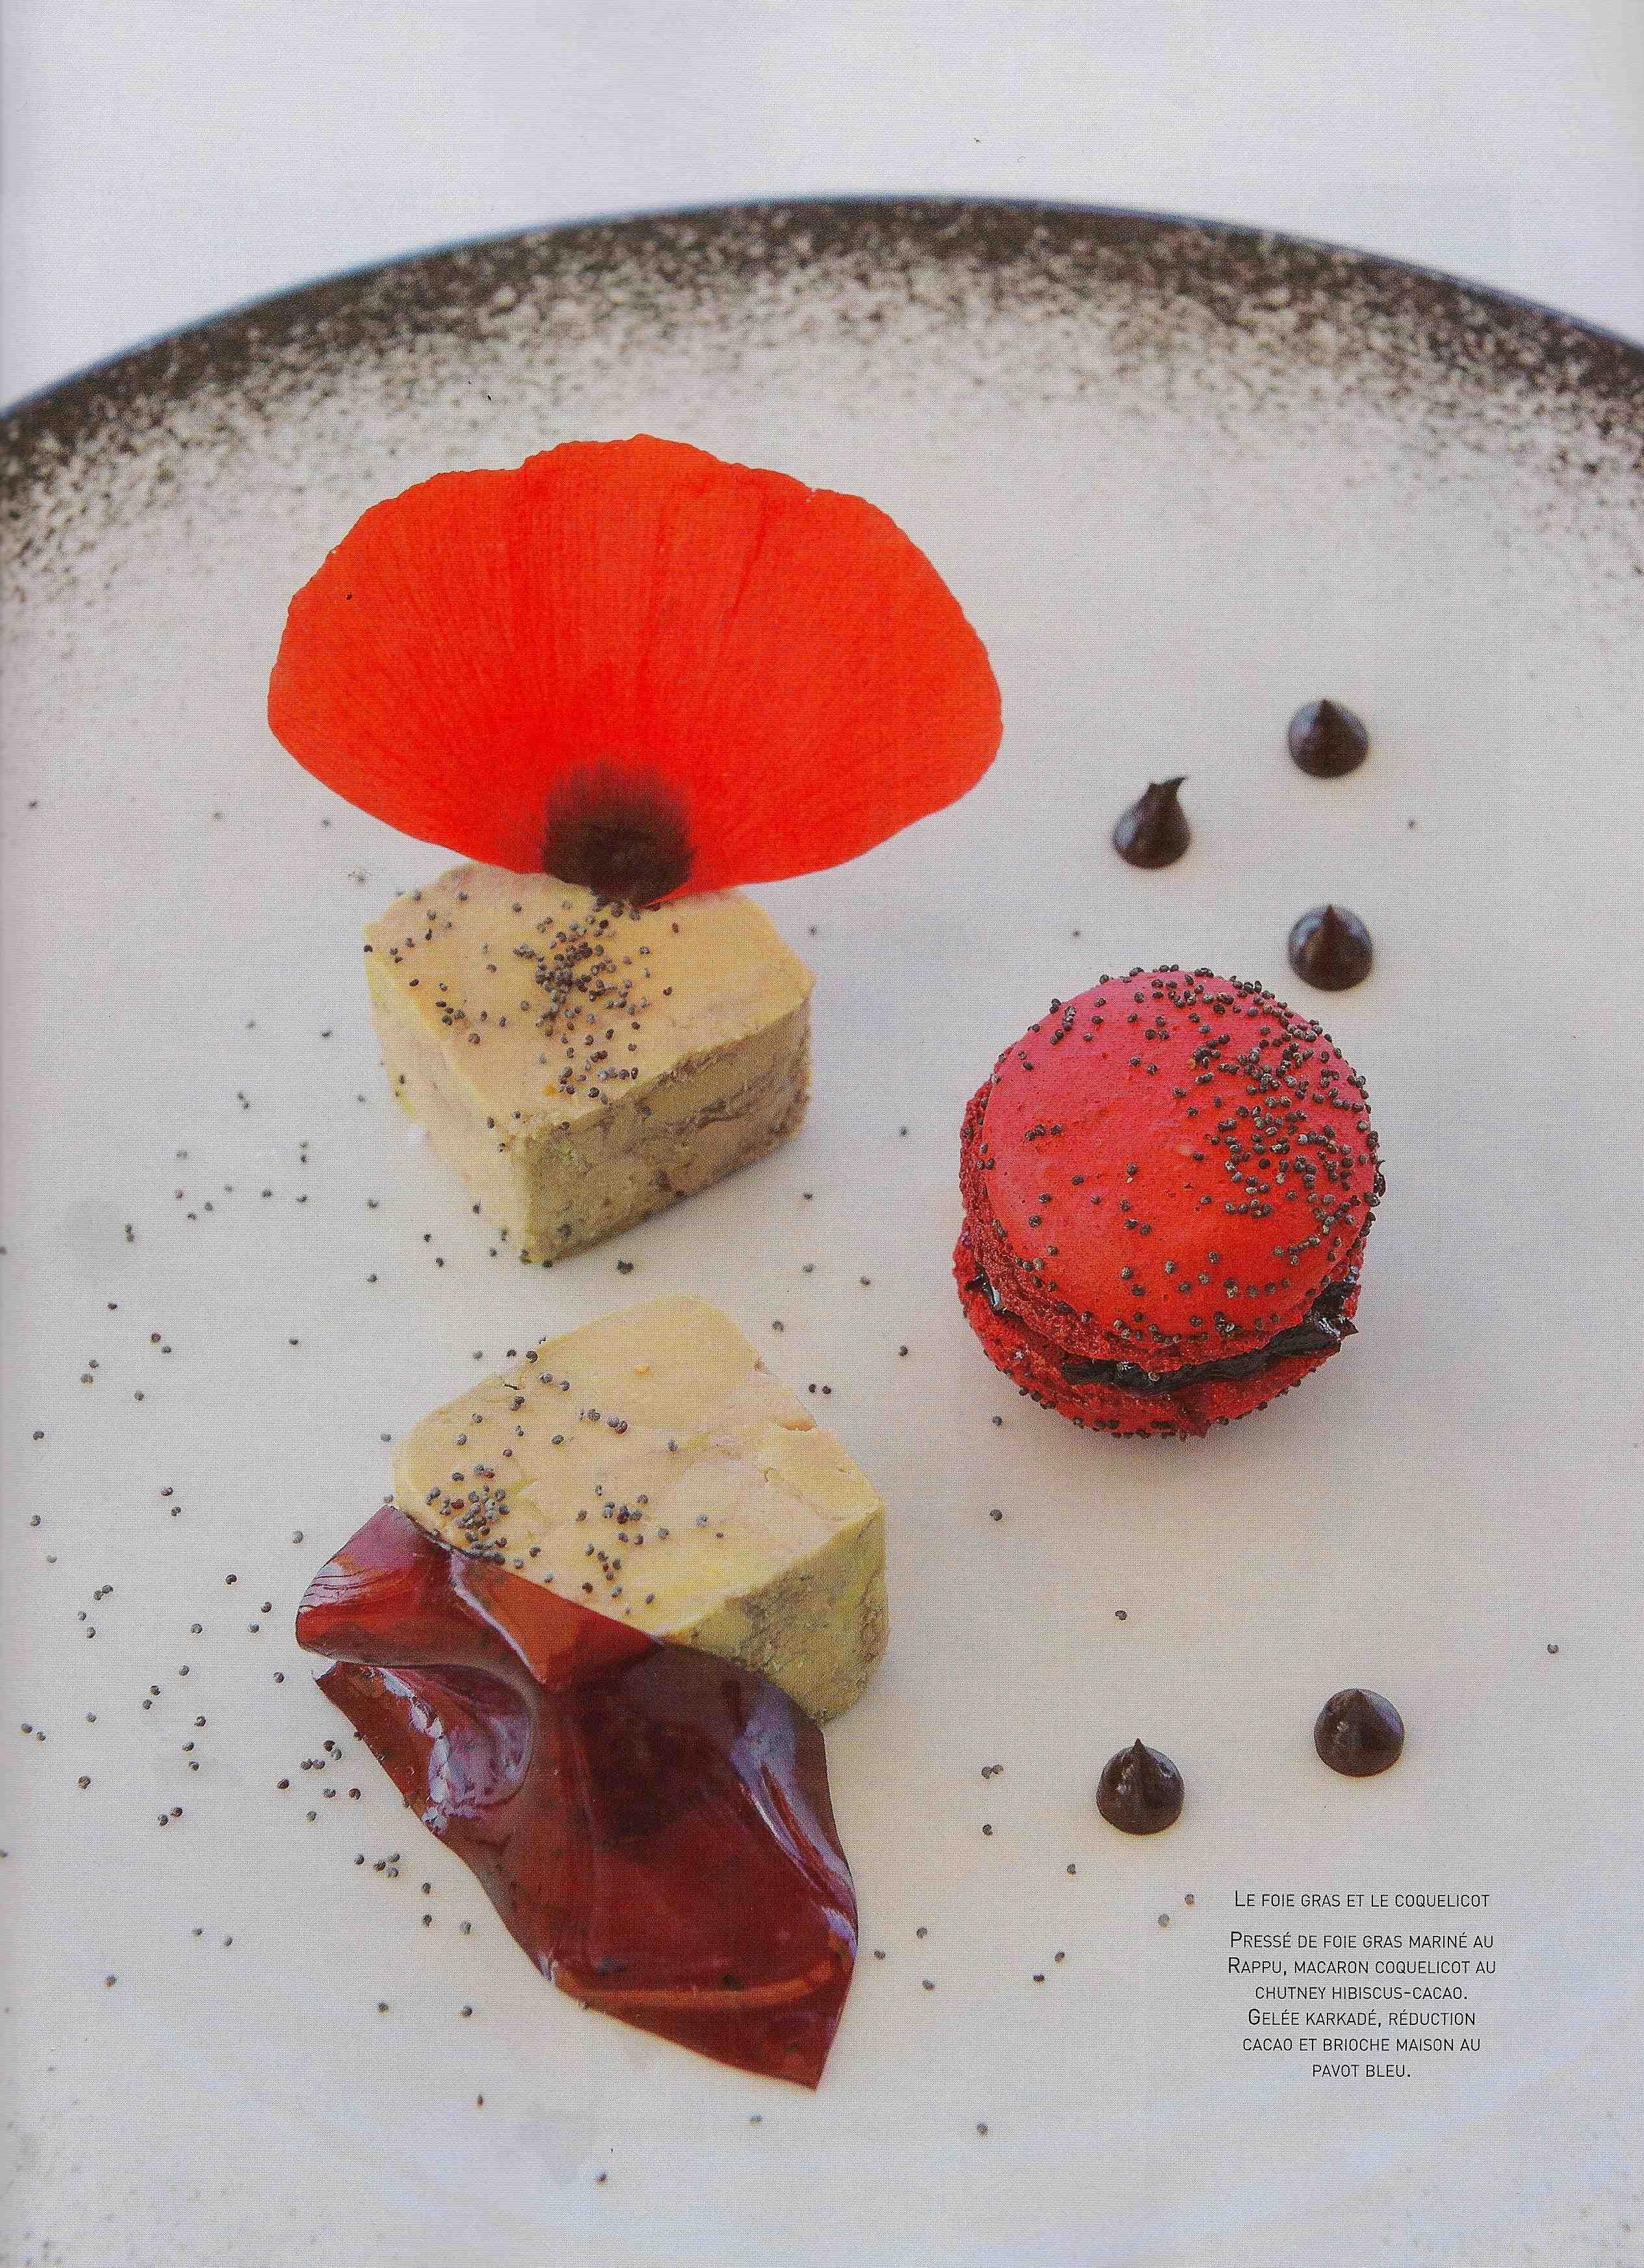 Le Foie Gras - Coqueliquot